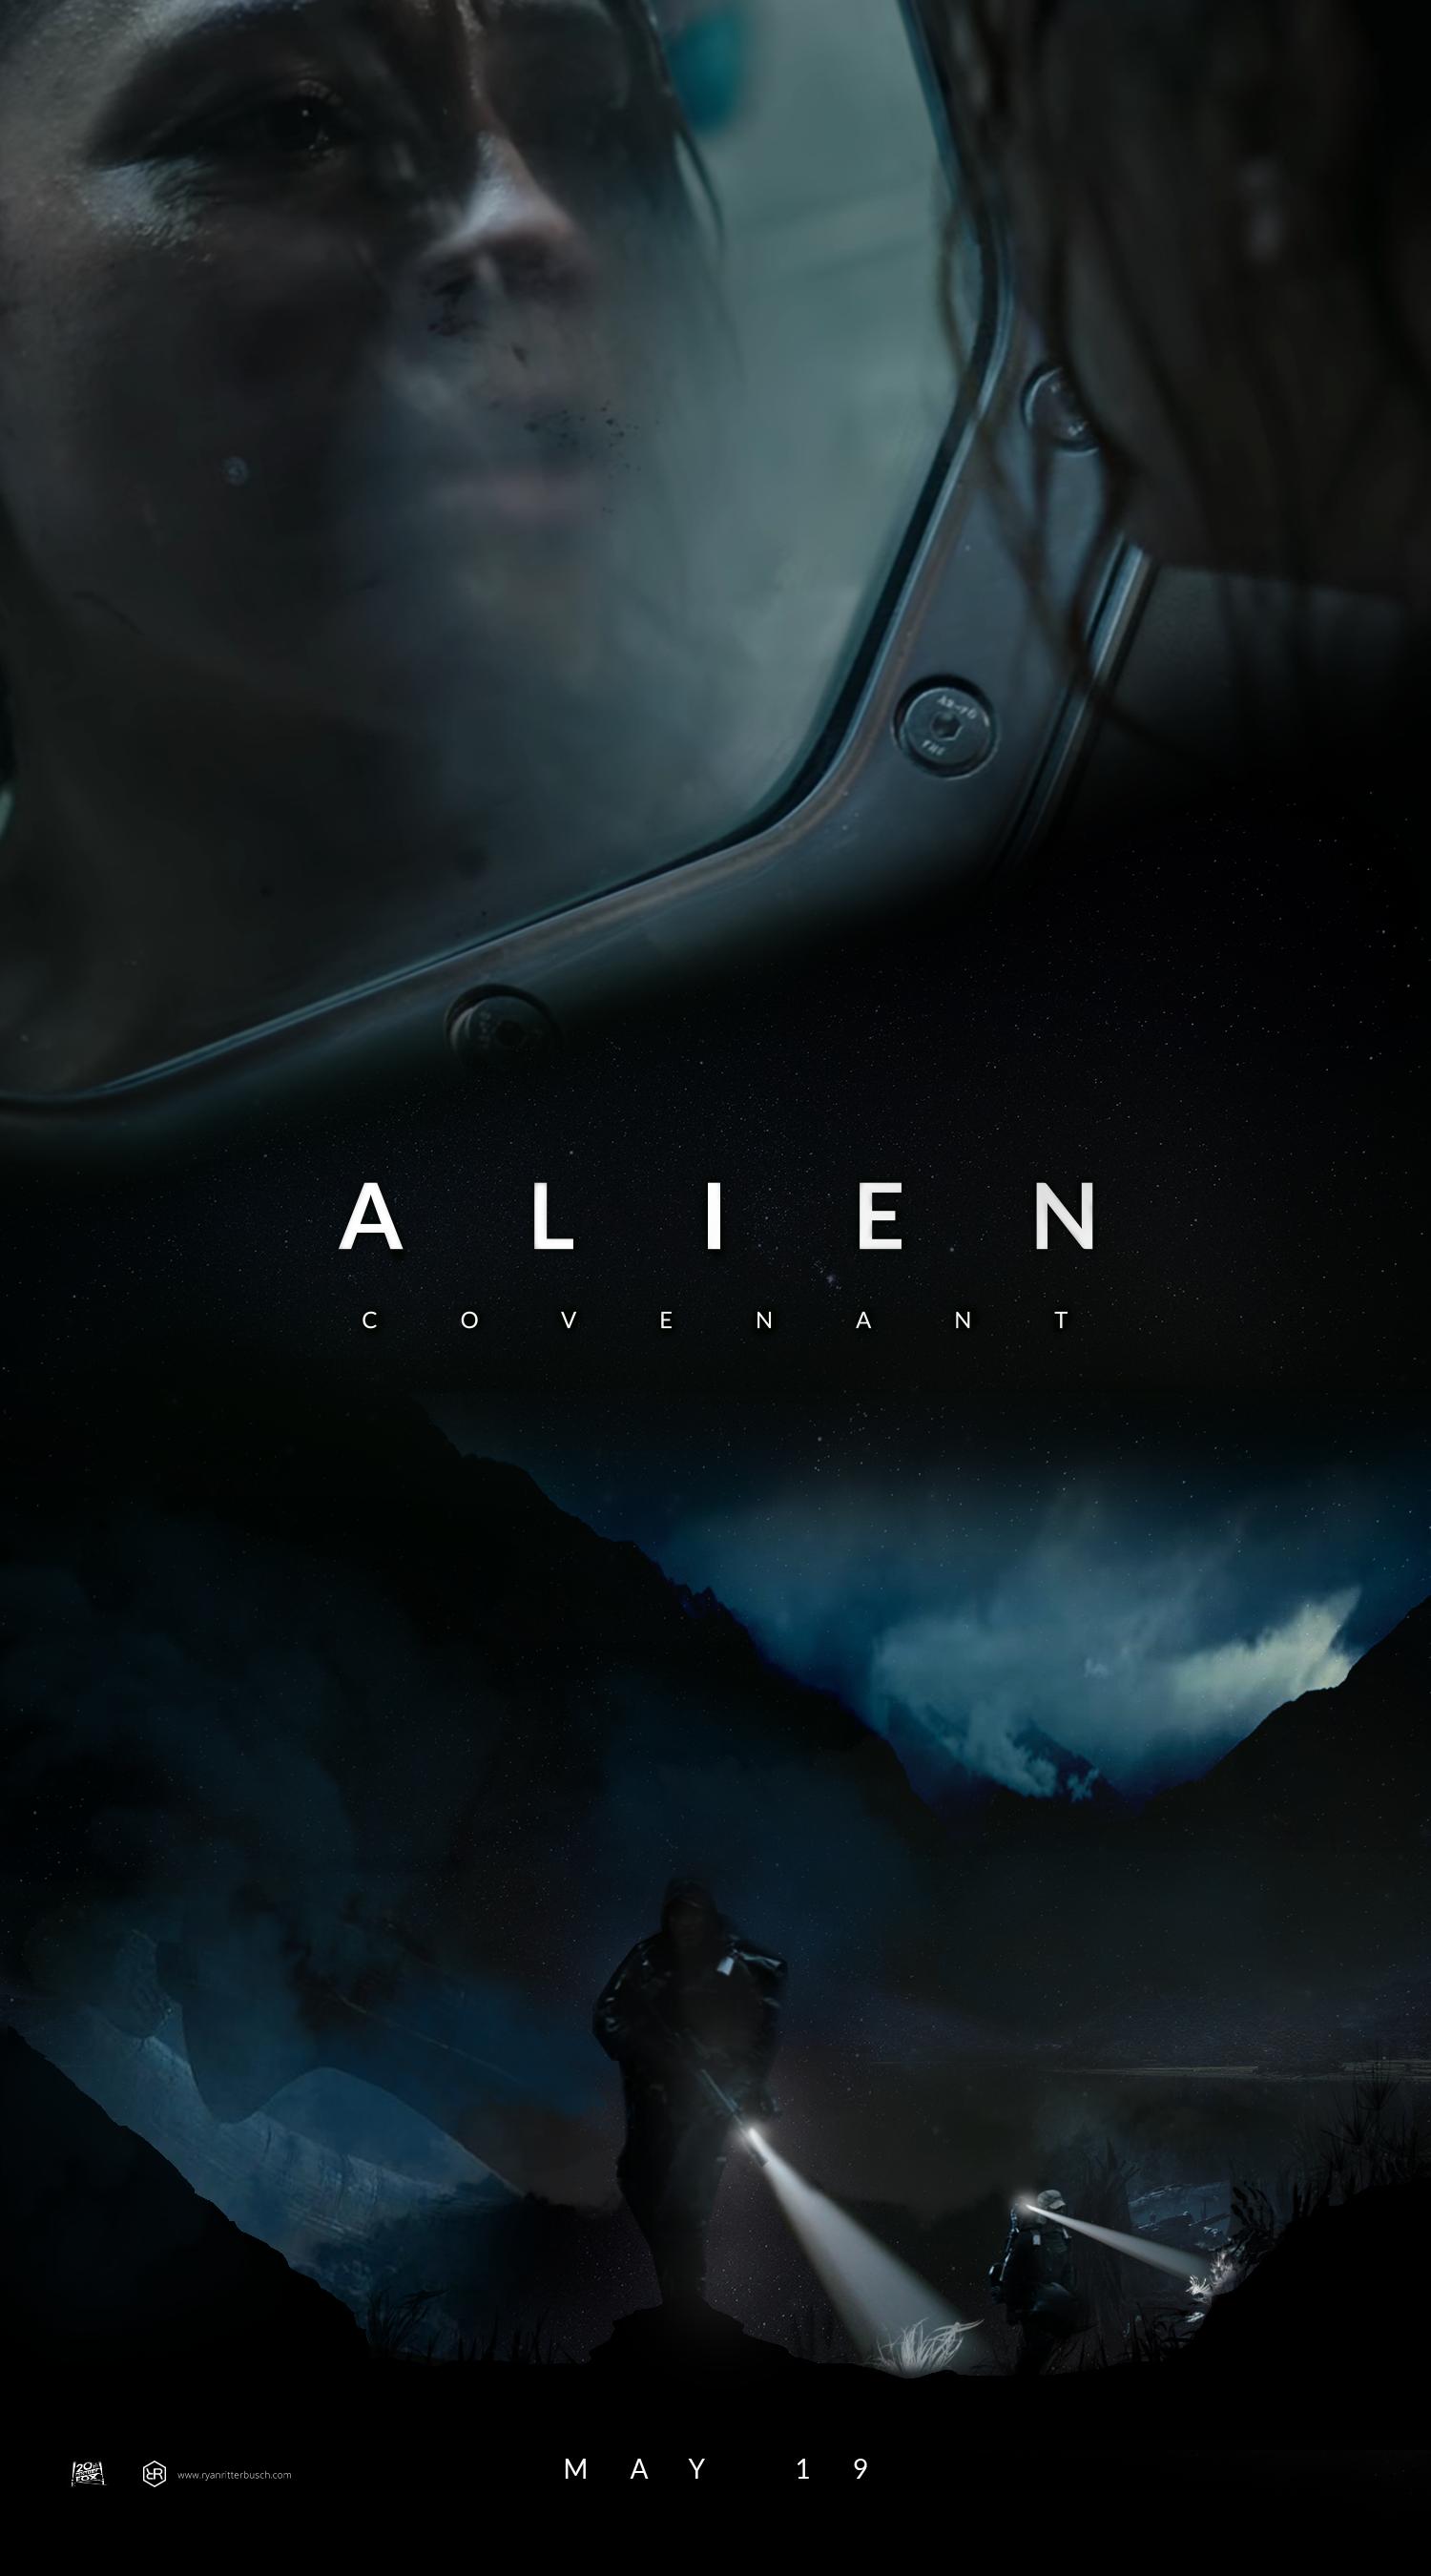 alien covenant run poster wallpaper-#31